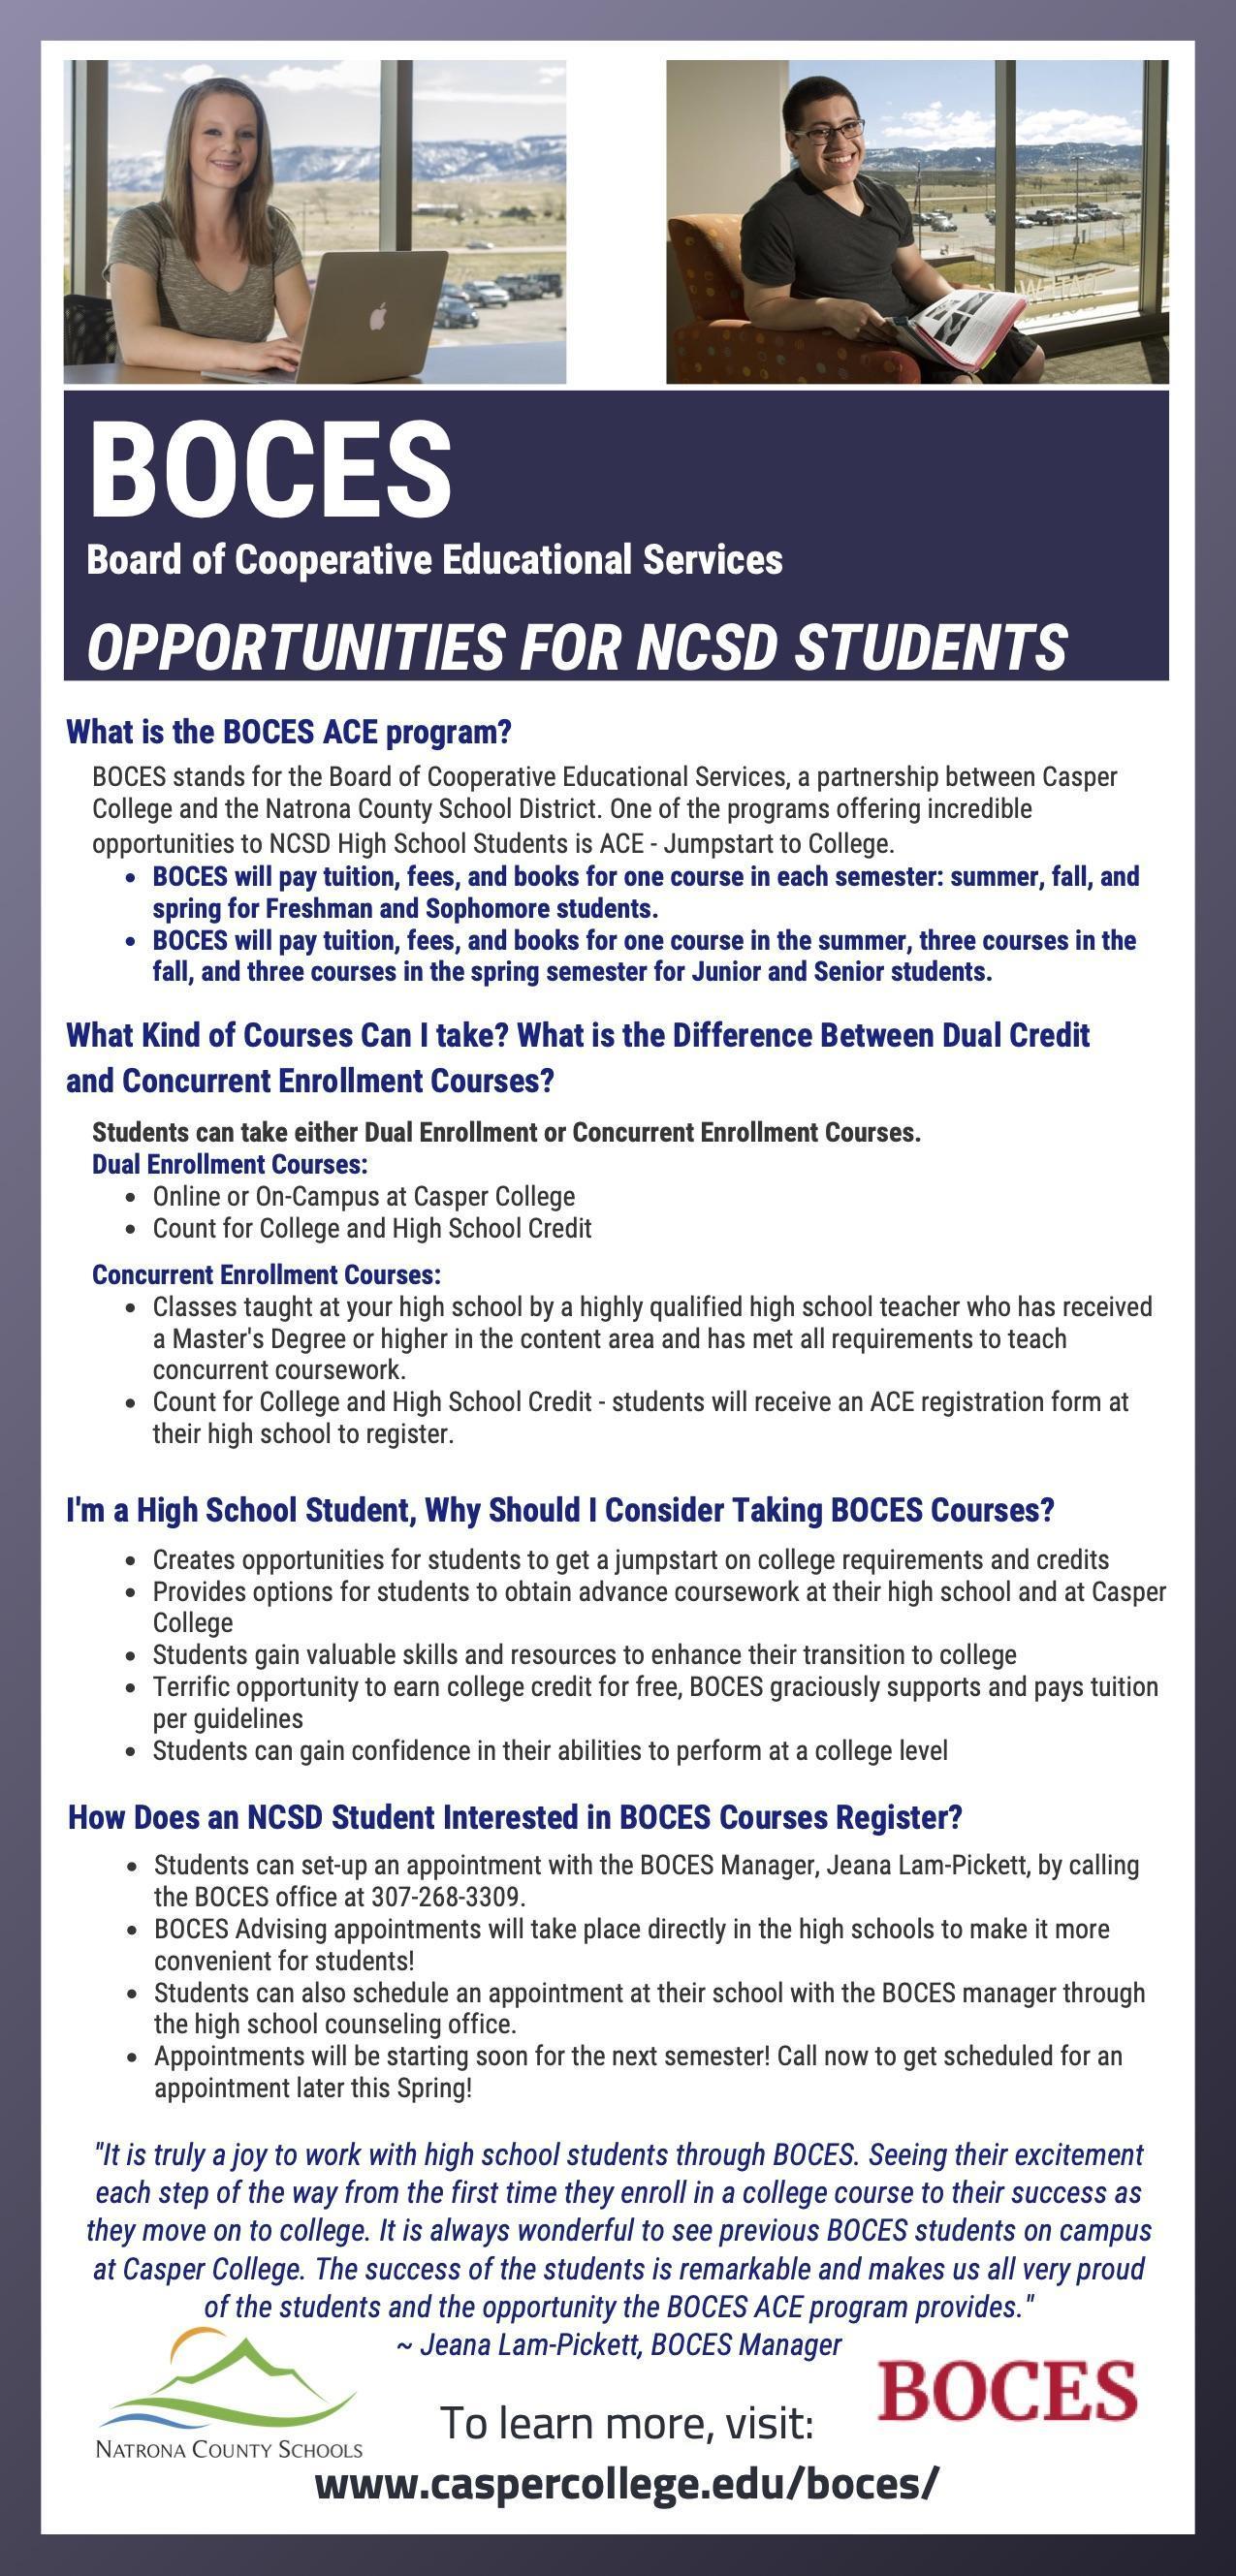 BOCES Information Flyer